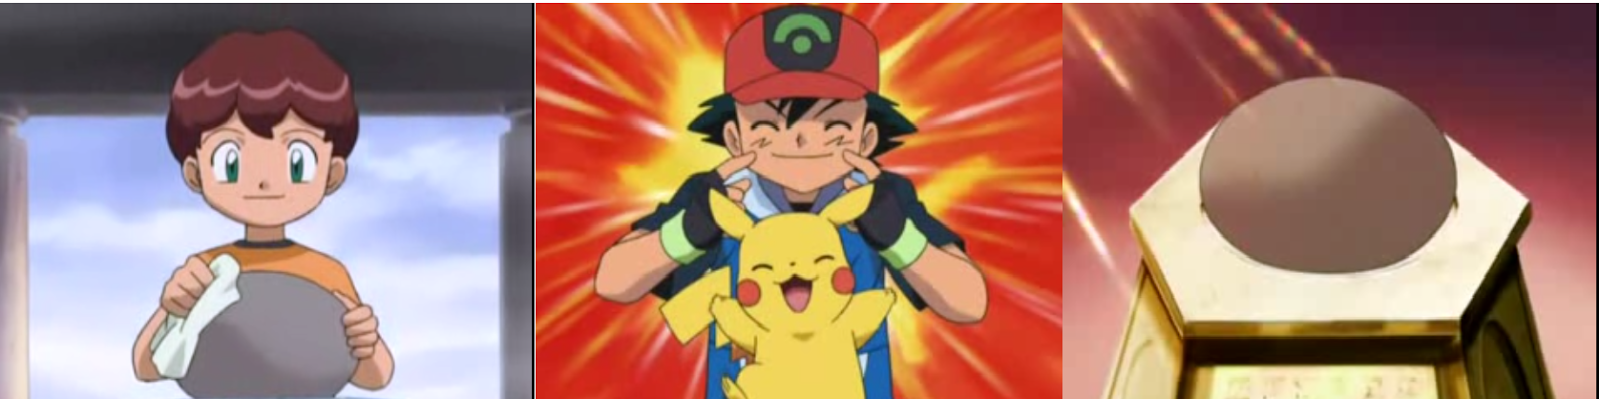 Pokemon Capitulo 38 Temporada 6 La Roca De Luz